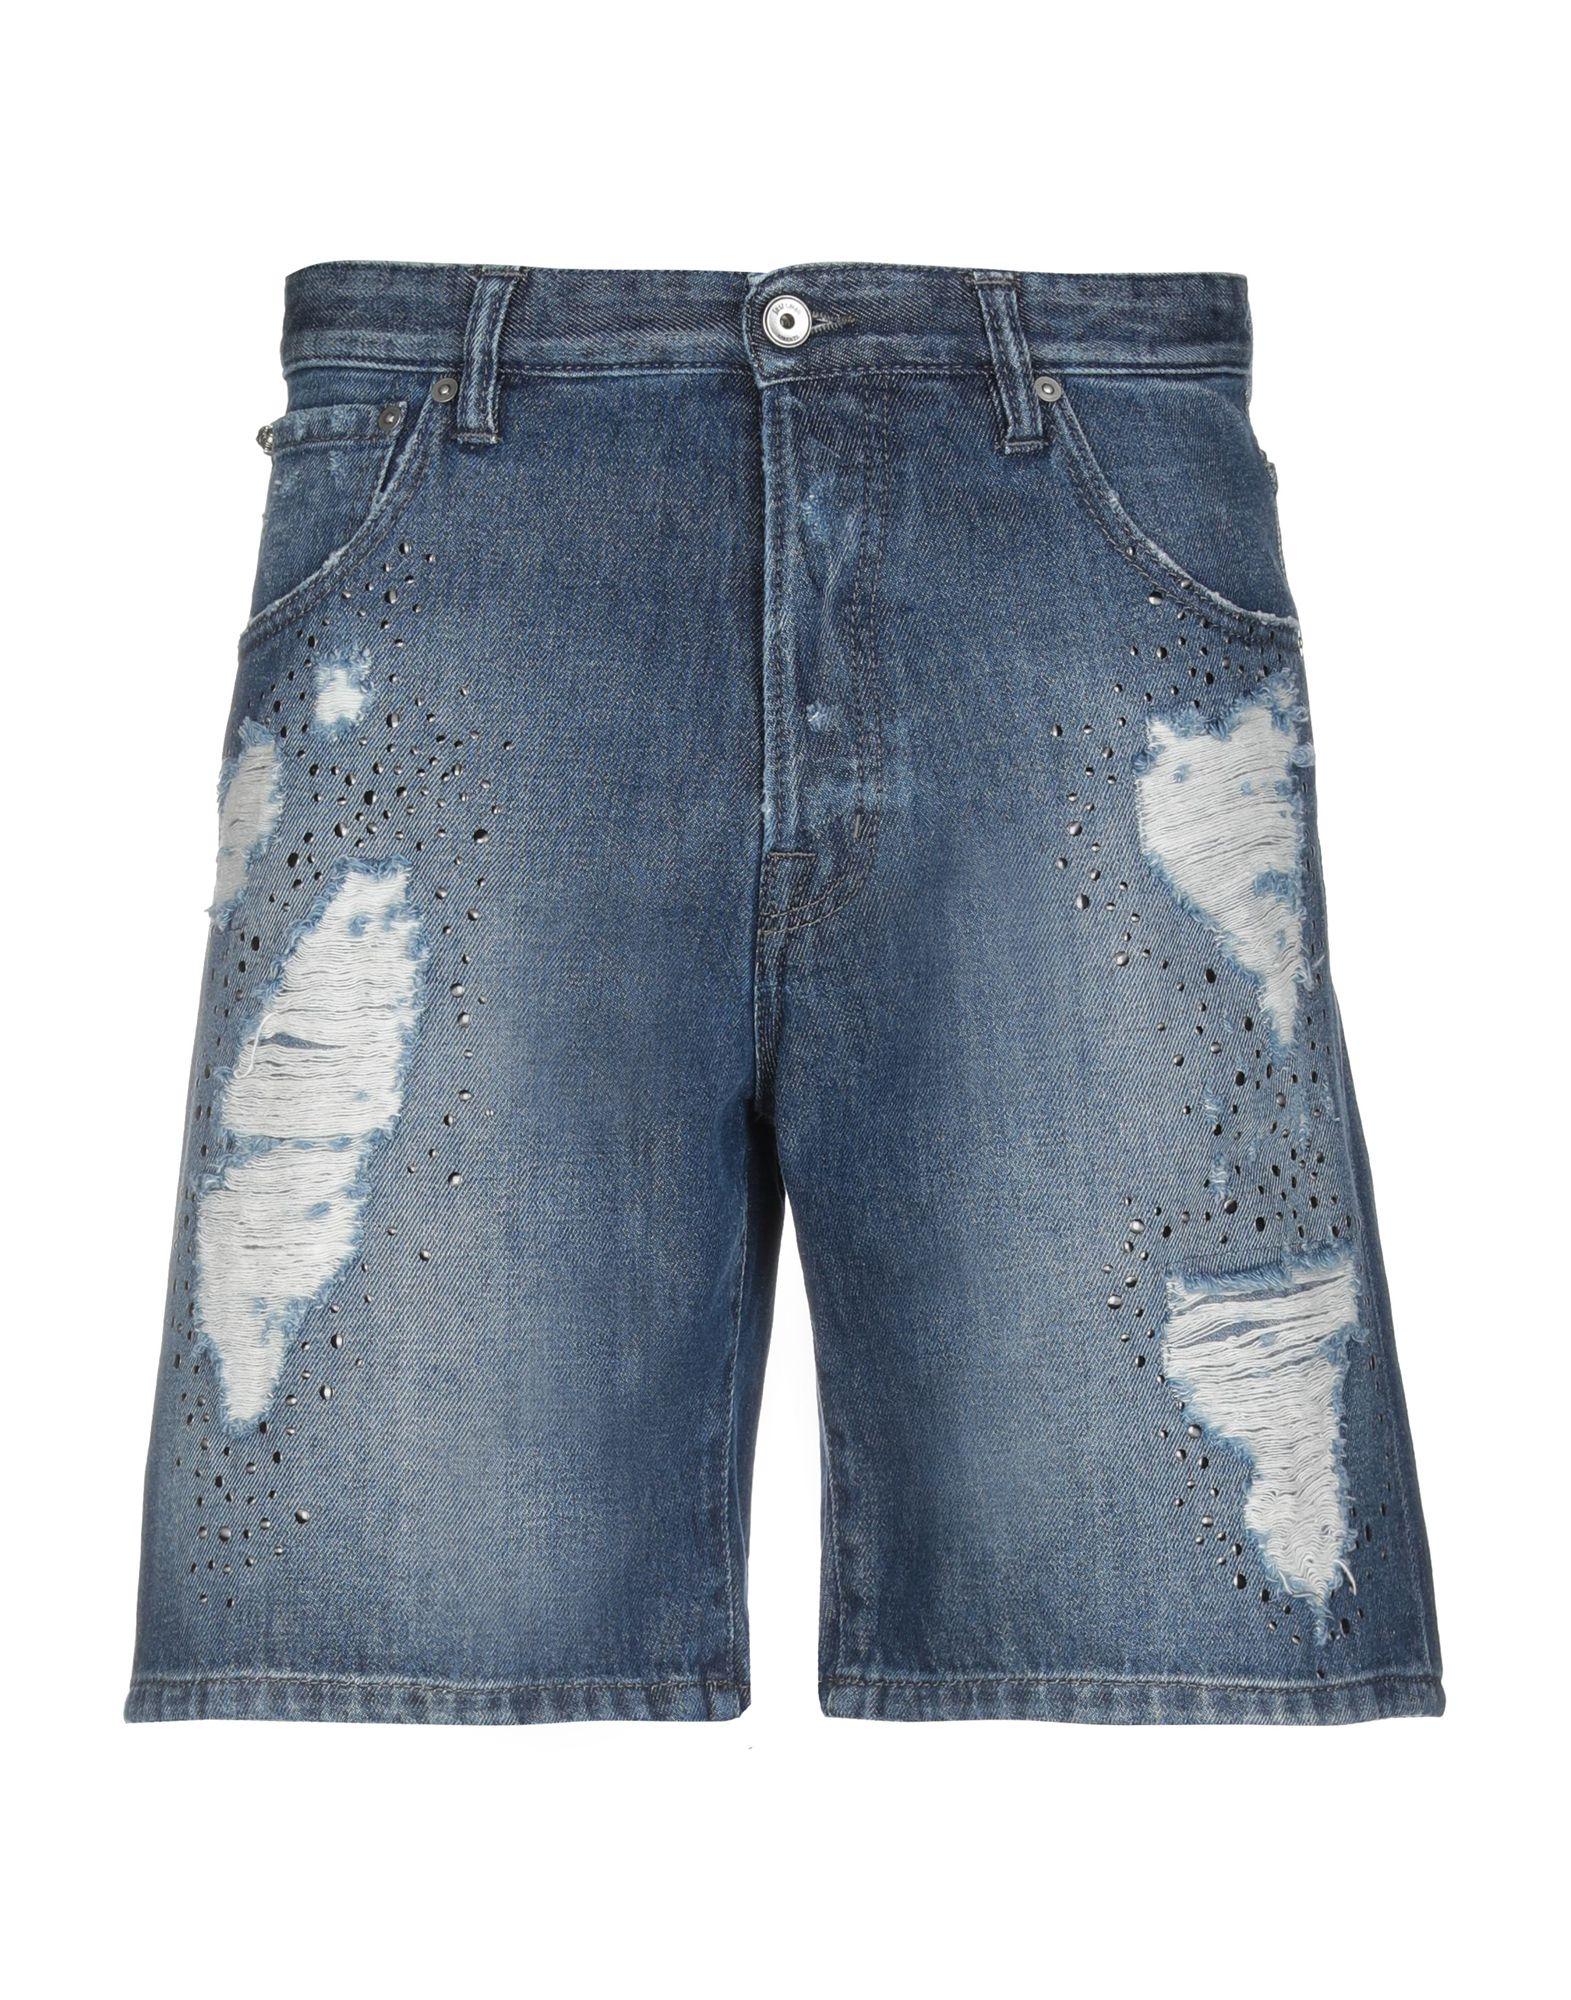 《期間限定セール中》JUST CAVALLI メンズ デニムバミューダパンツ ブルー 32 コットン 100%